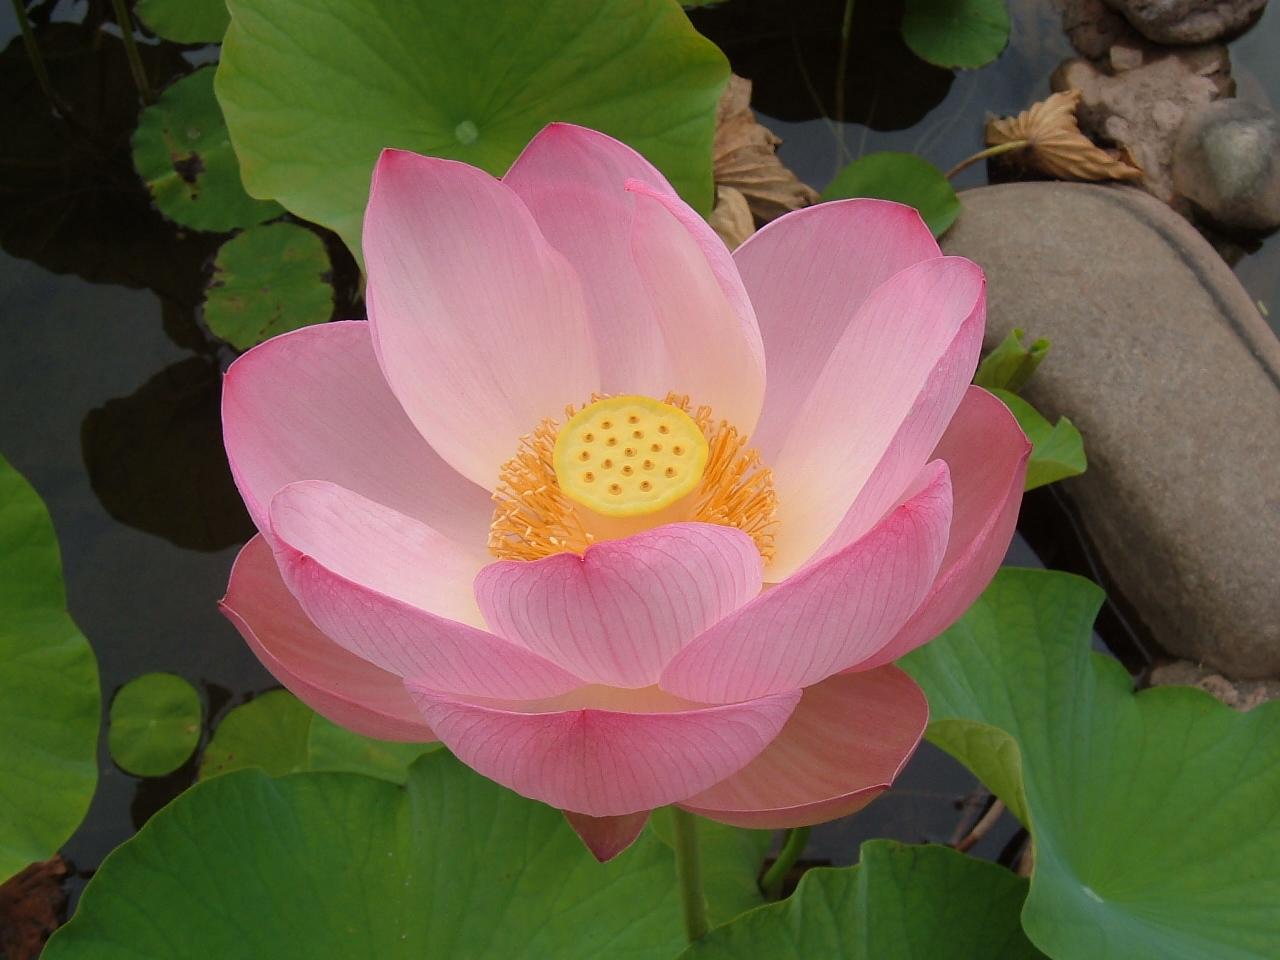 lotus-flower-wallpaper-4